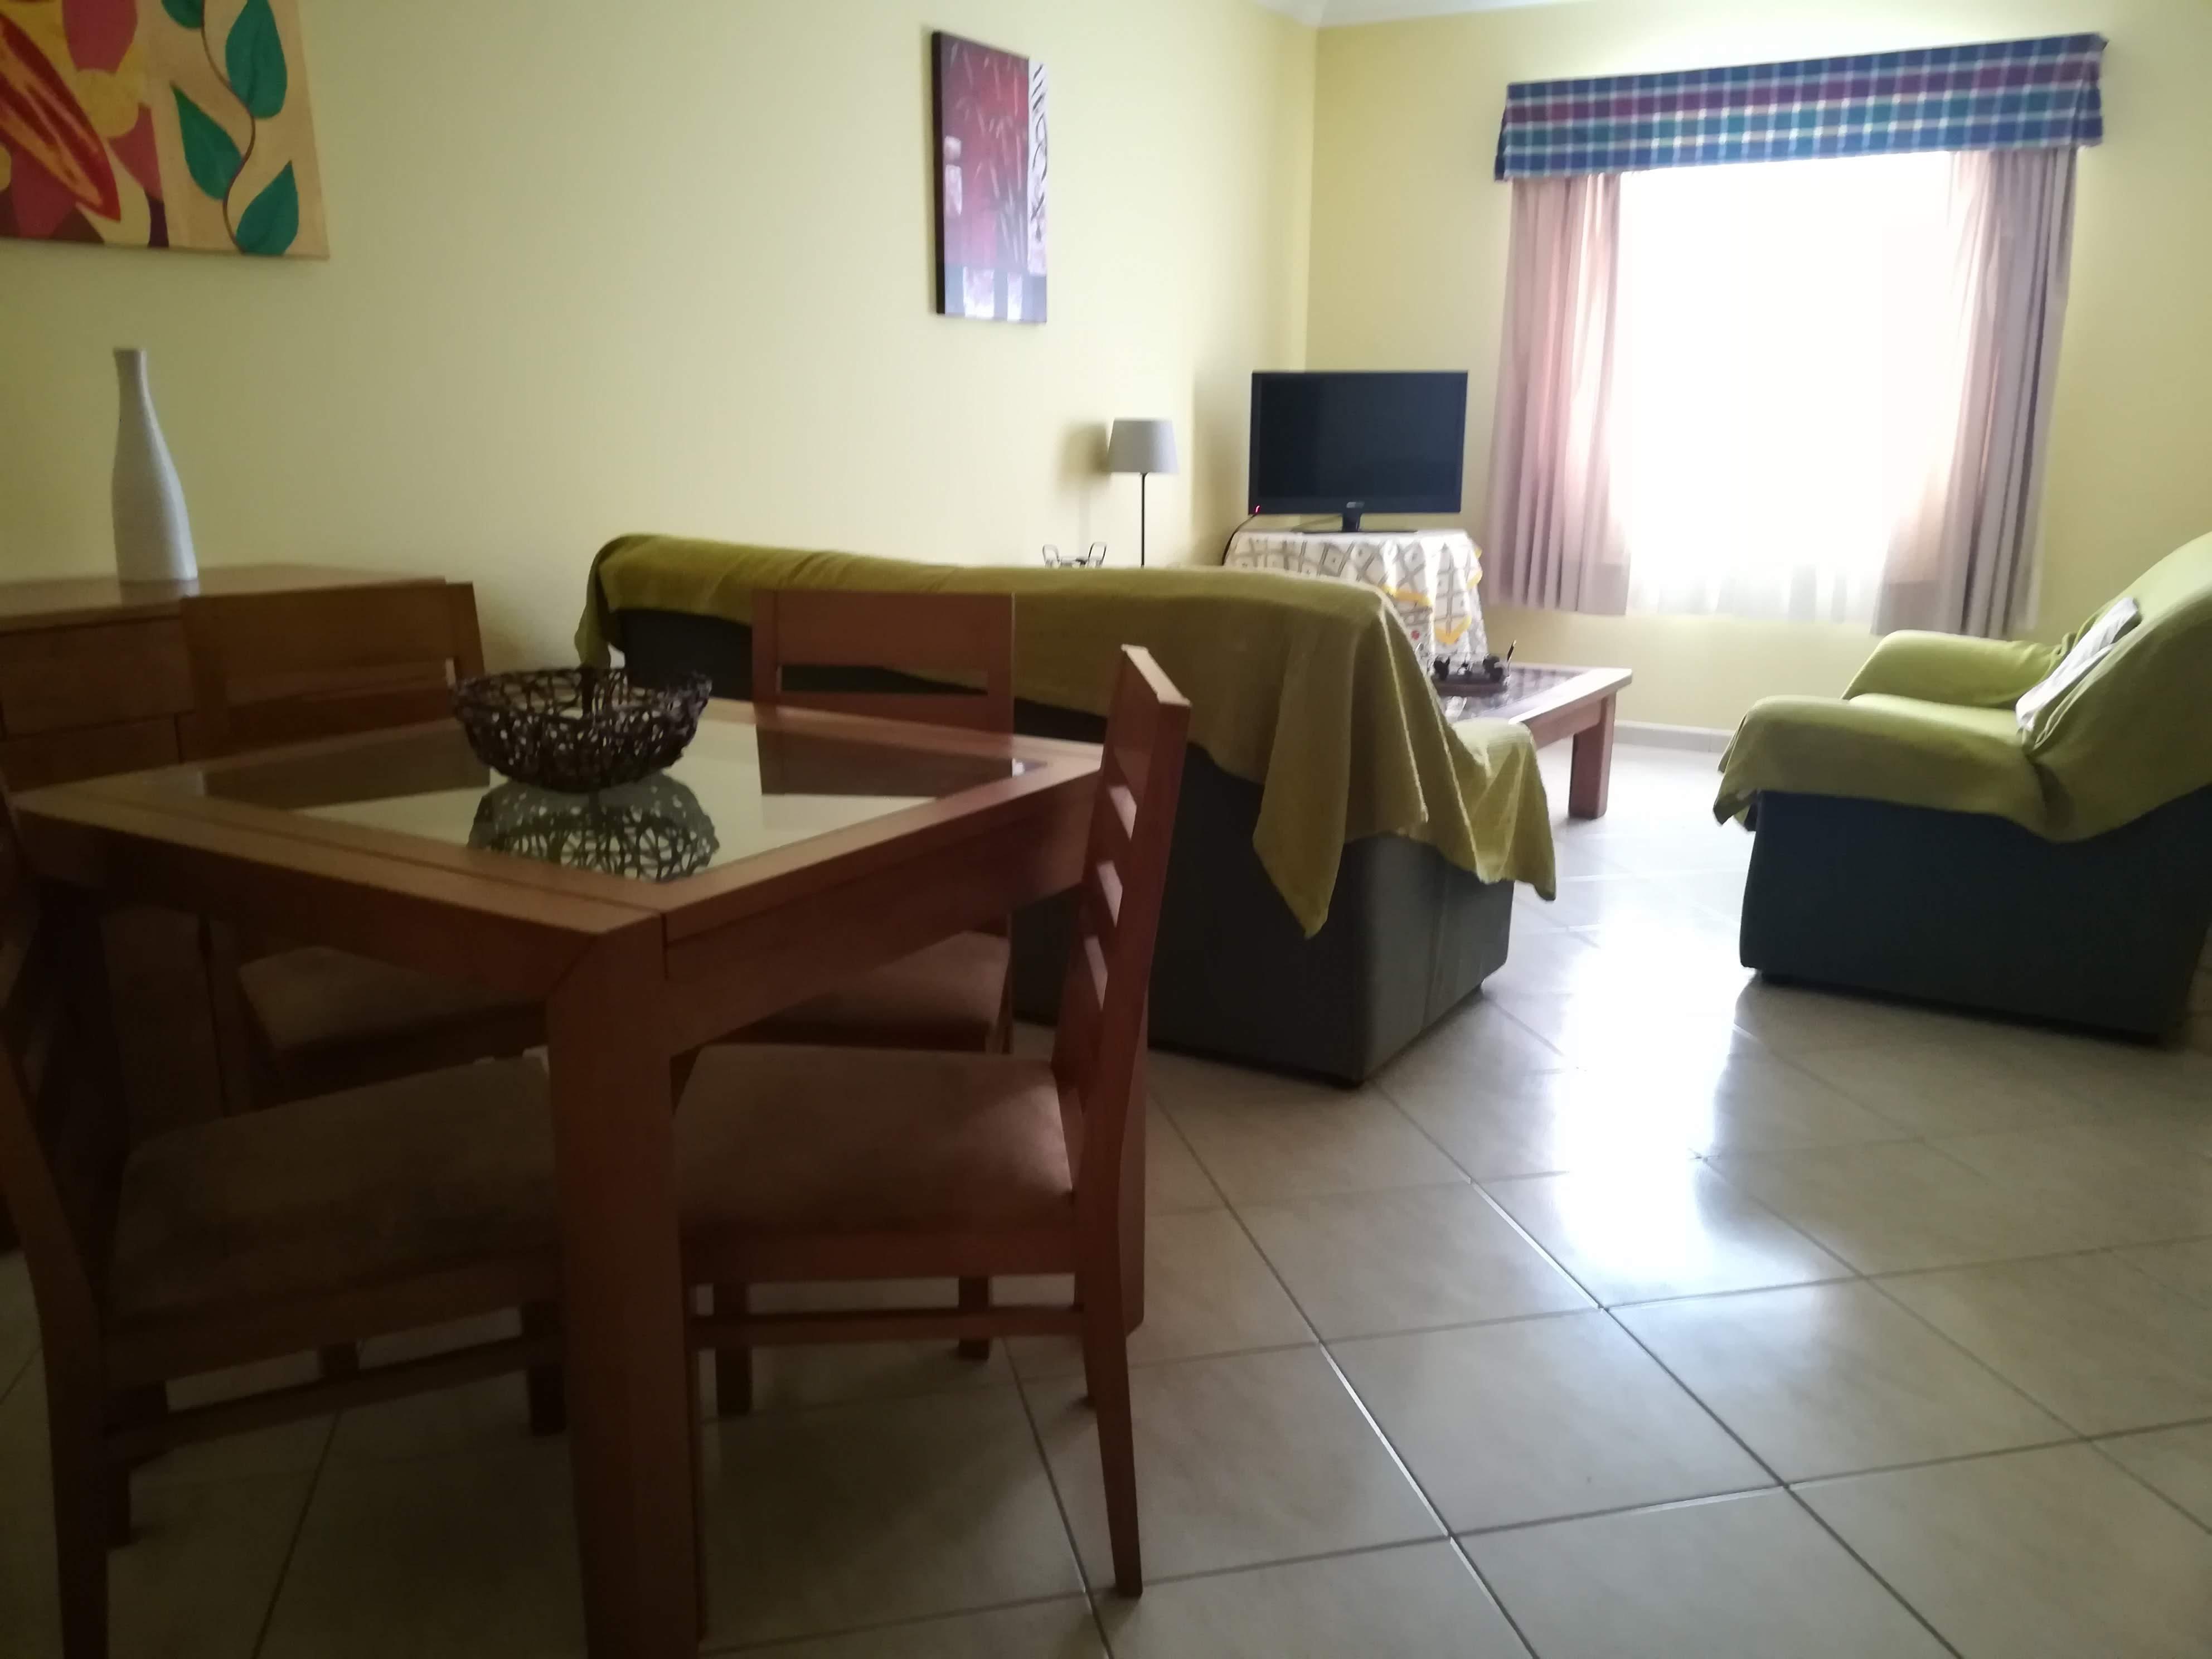 Location appartements et villas de vacance, Apartamento com terraço, perto da praia à Armação de Pêra, Portugal Algarve, REF_IMG_9160_9165